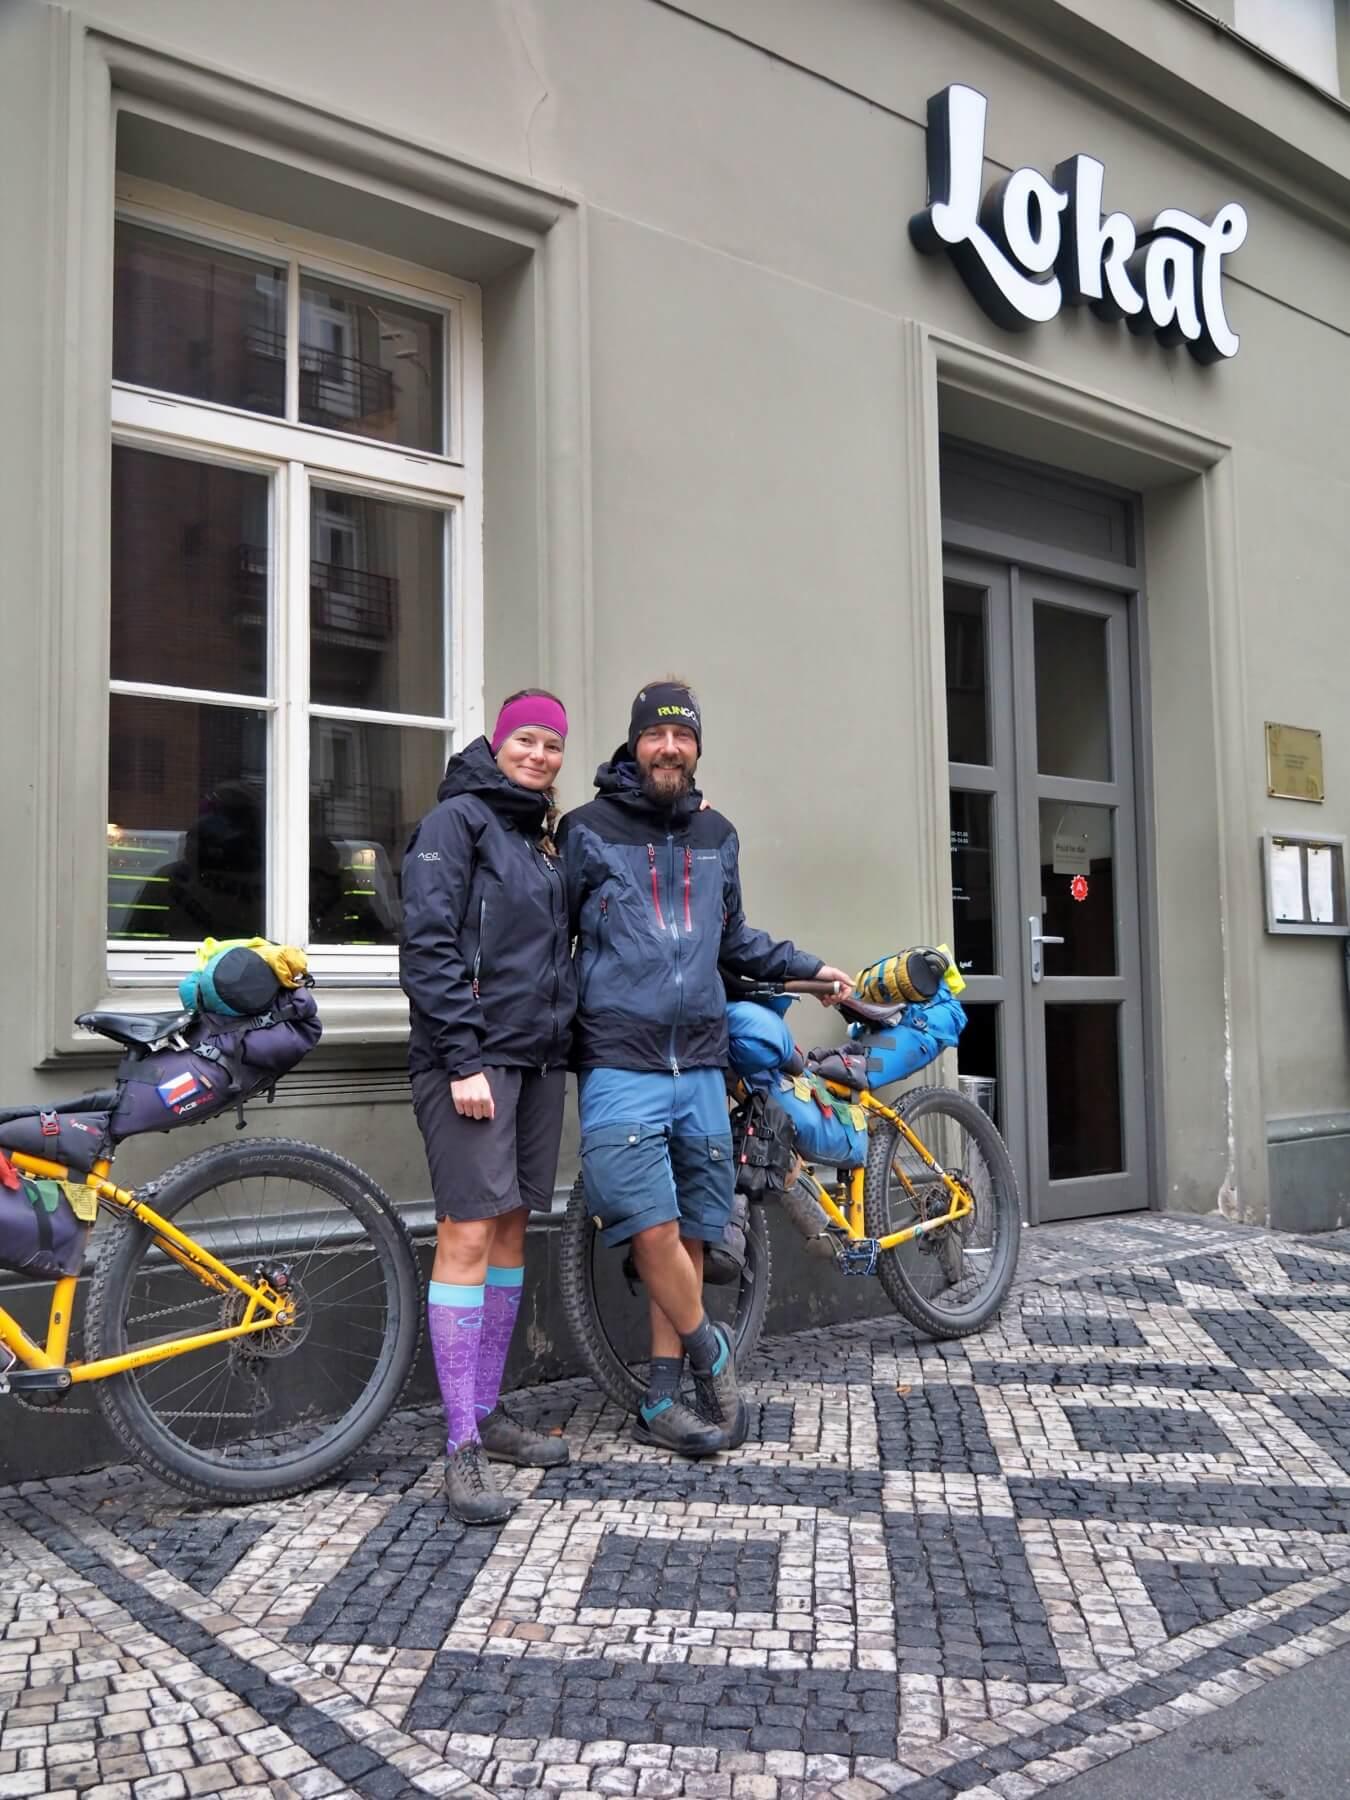 Praha a vyhlášená hospoda Lokál, kde jsme strávili pár pěkných chvil s kamarády.